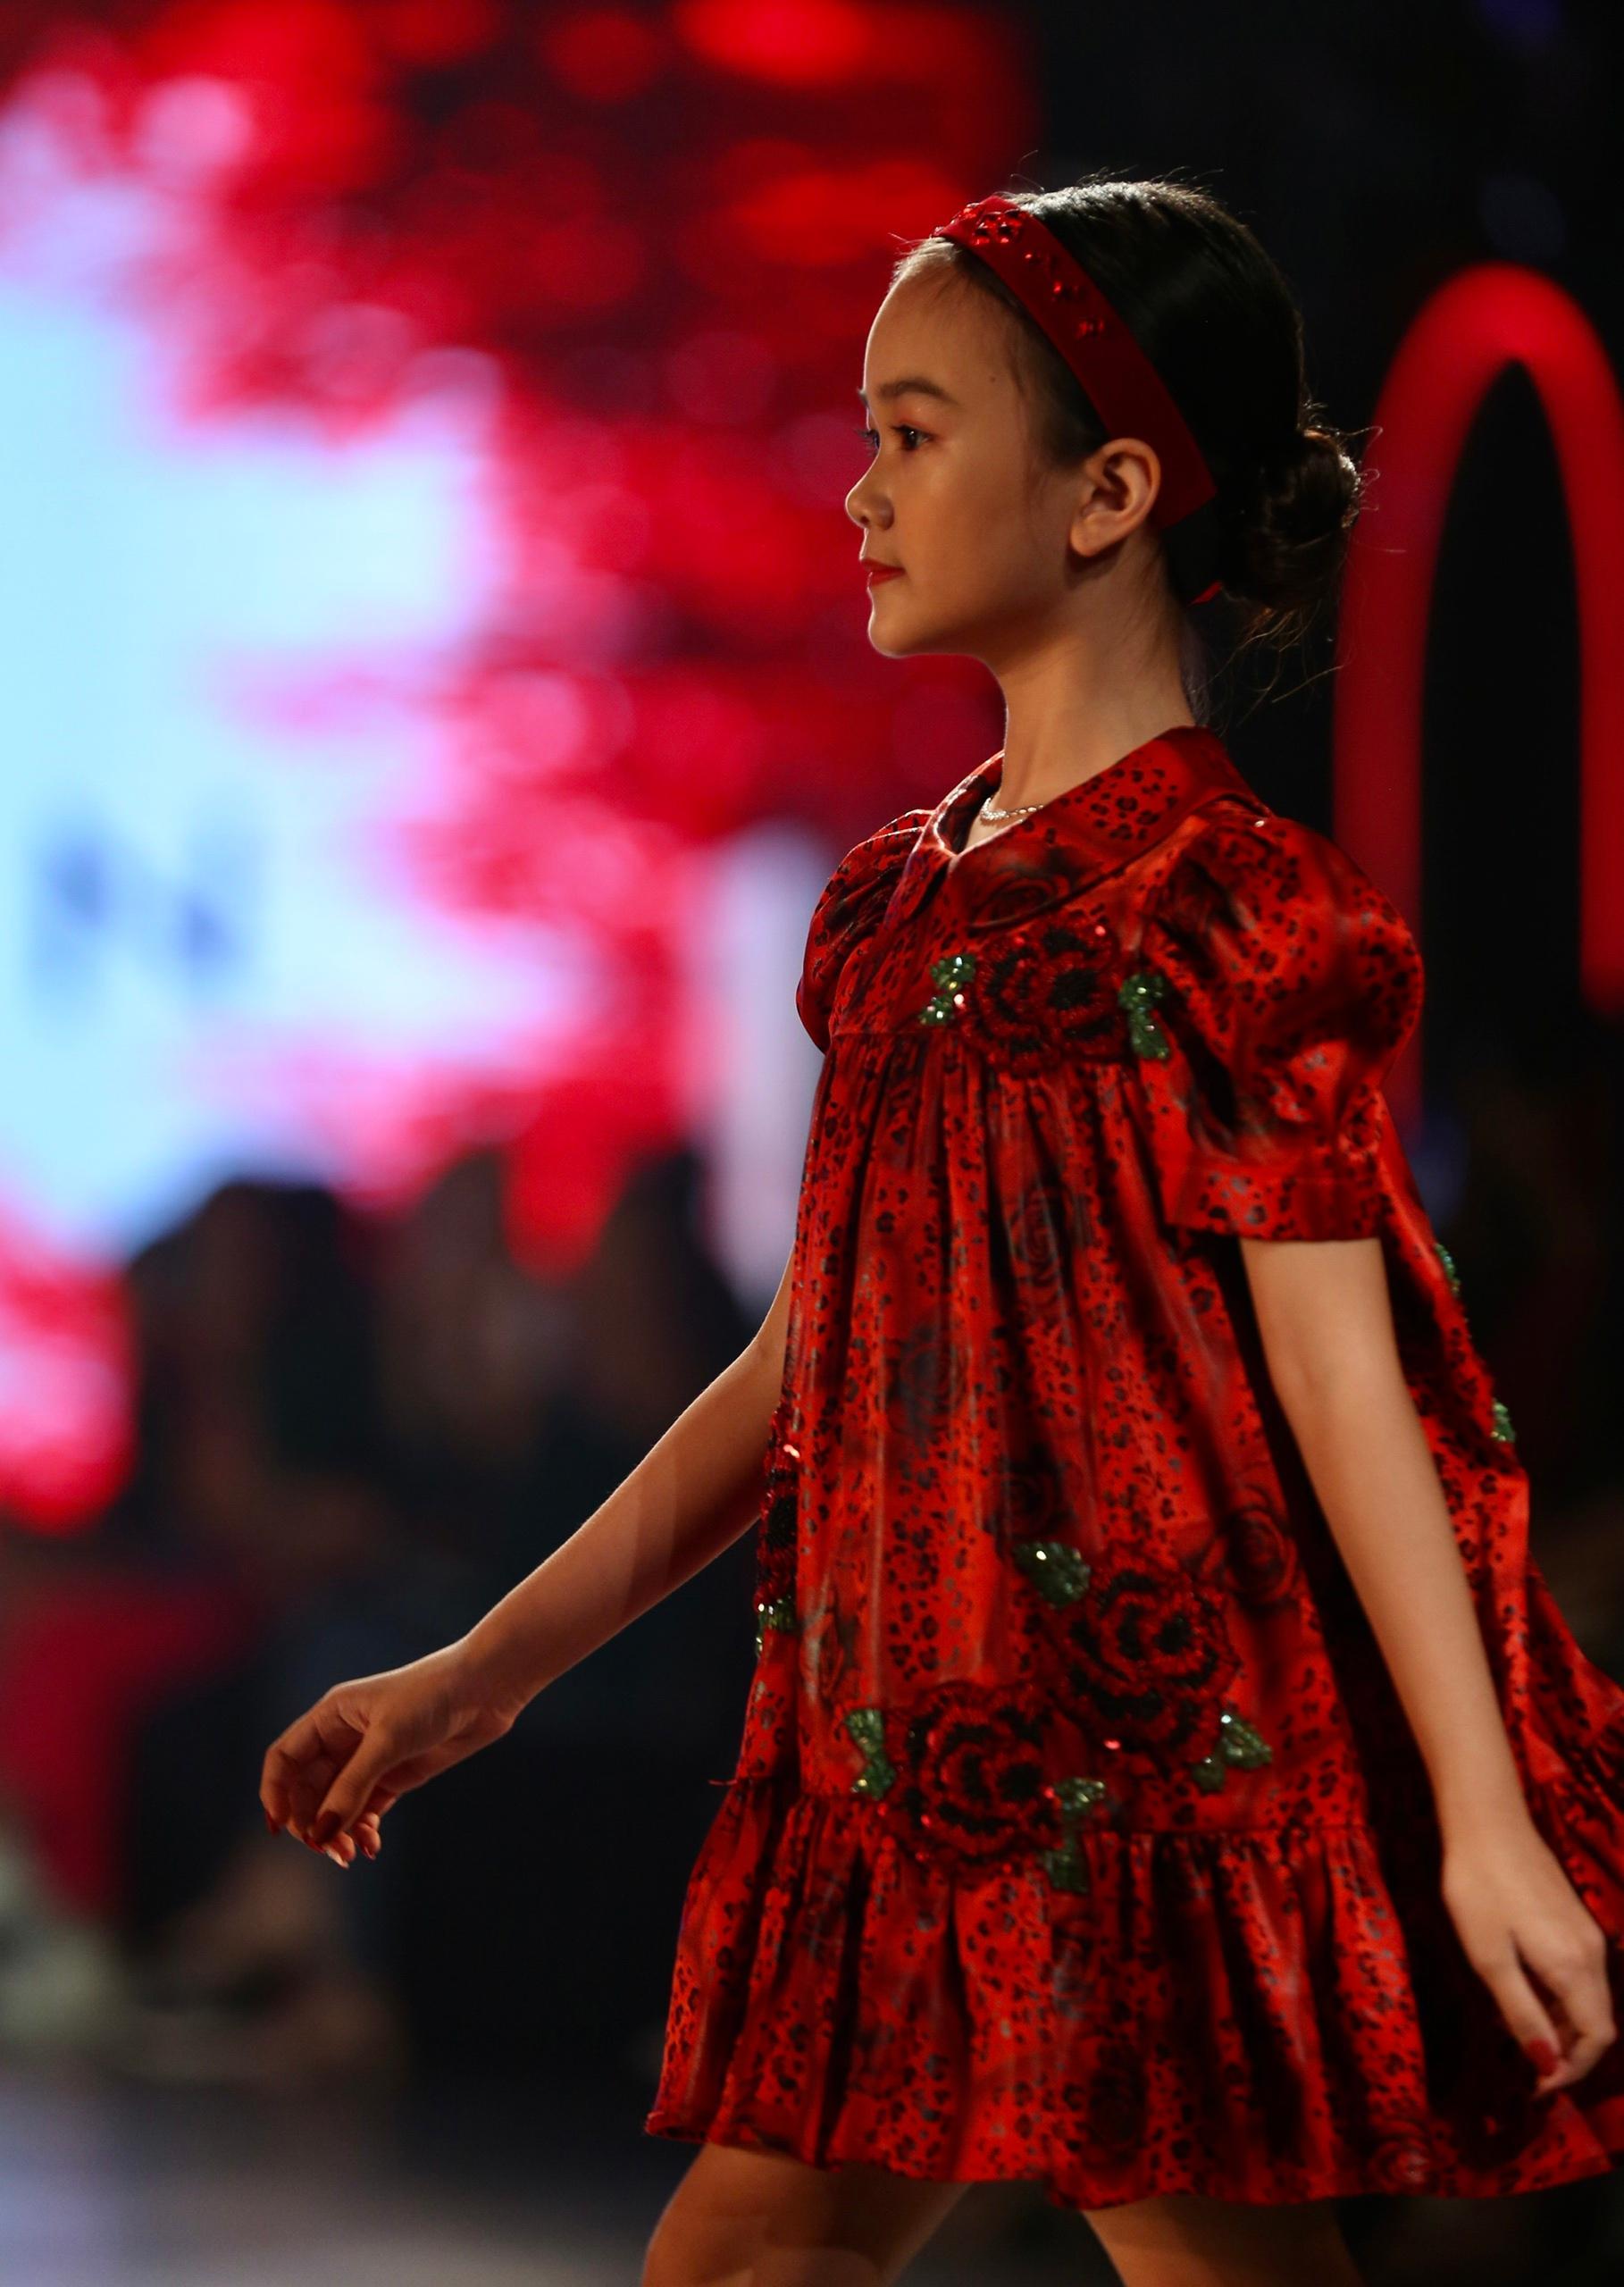 Hoa hậu Tiểu Vy mặc áo lưới gợi cảm trong show thời trang Ảnh 23